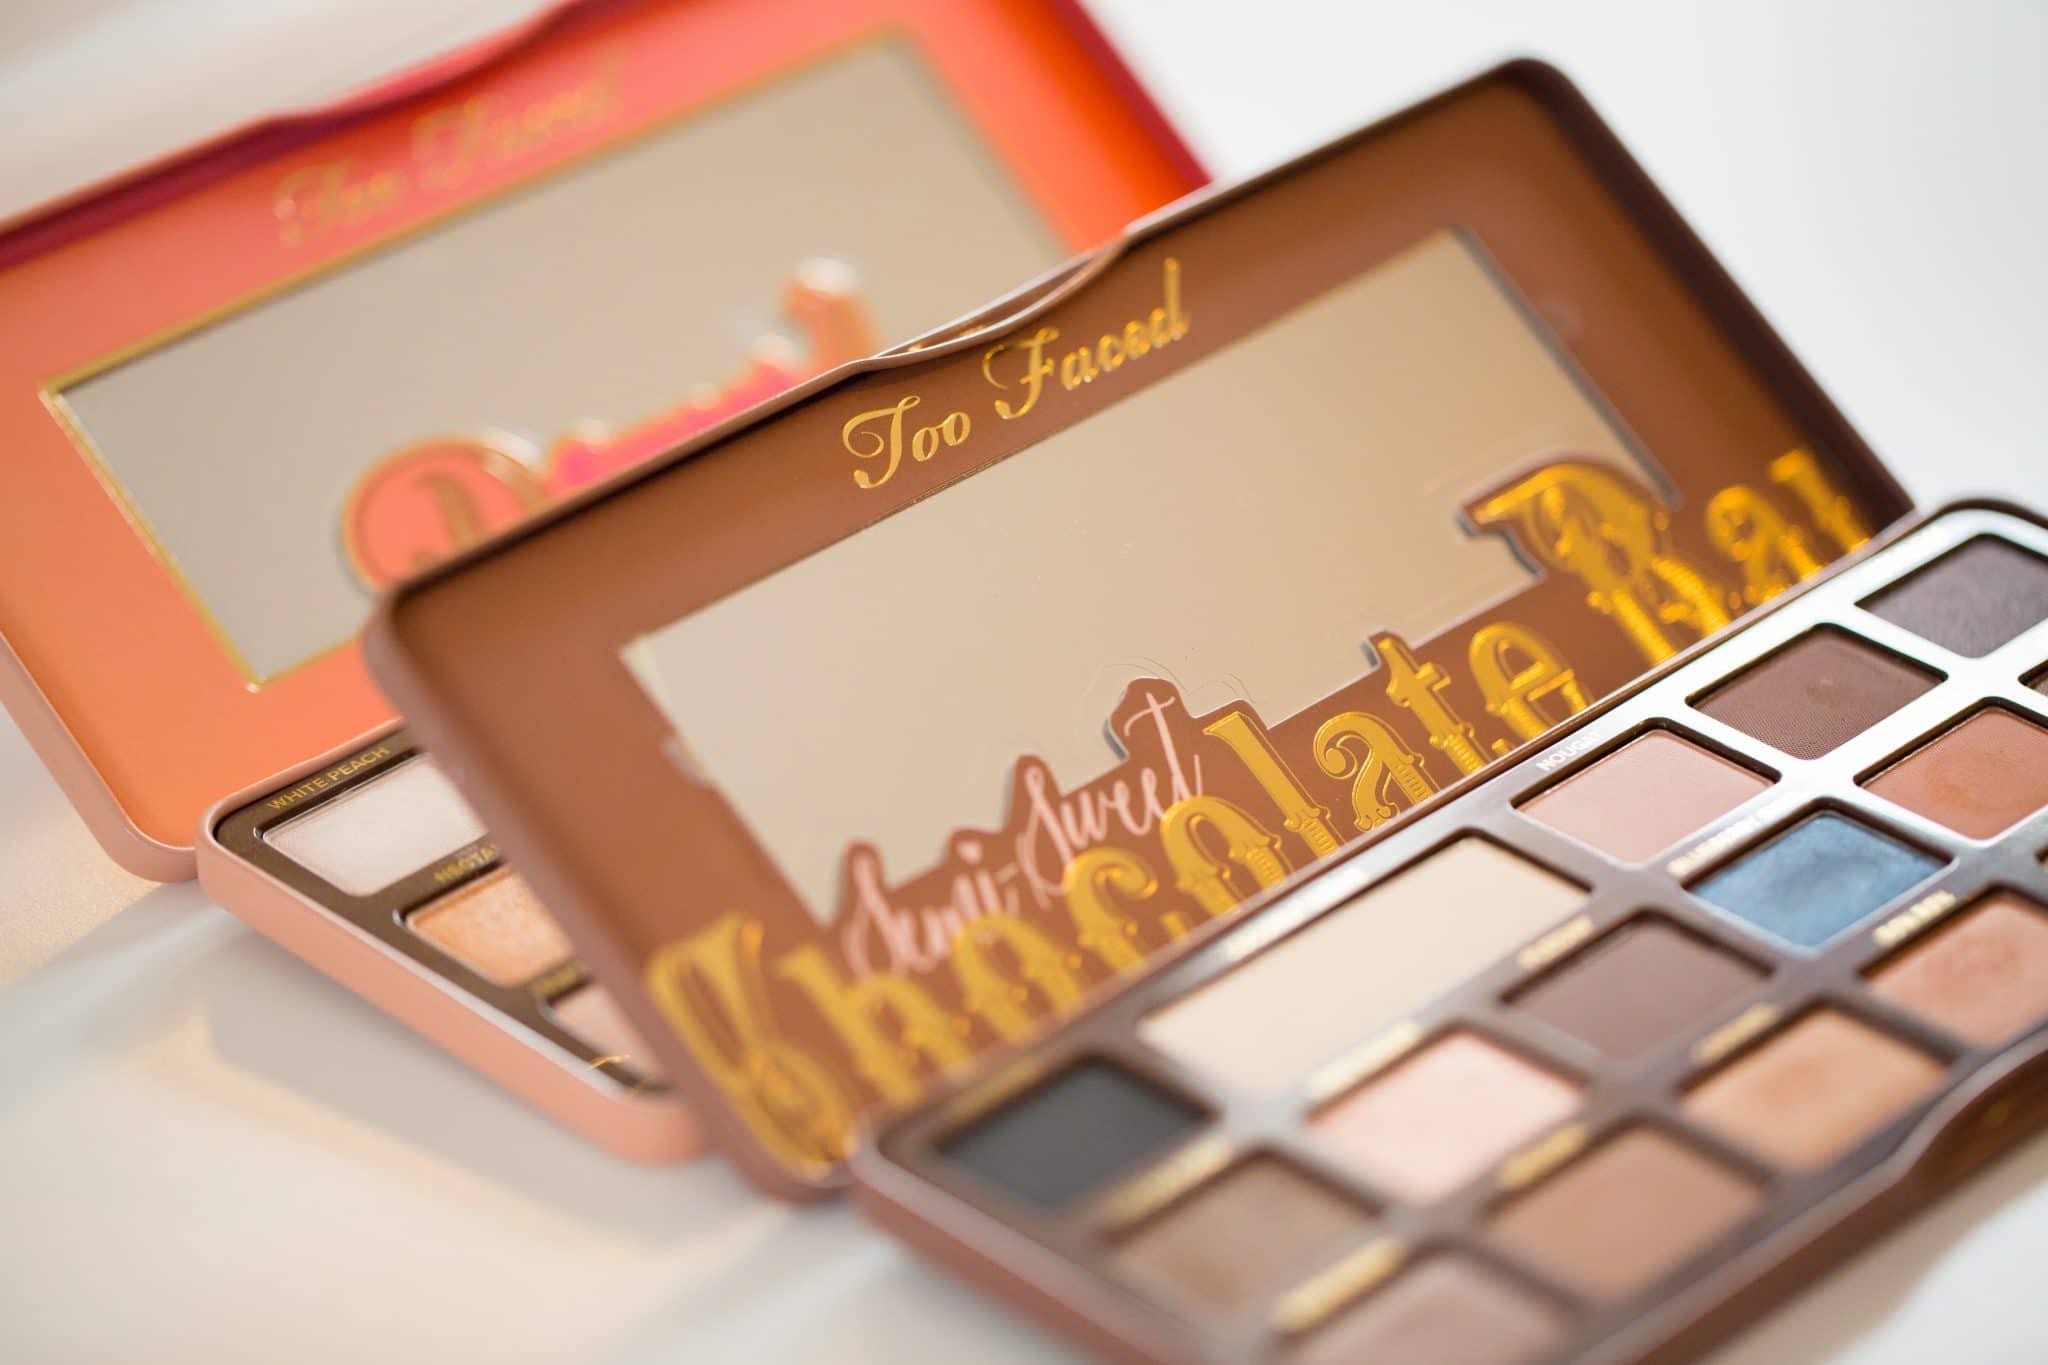 chocolate bar too faced avis